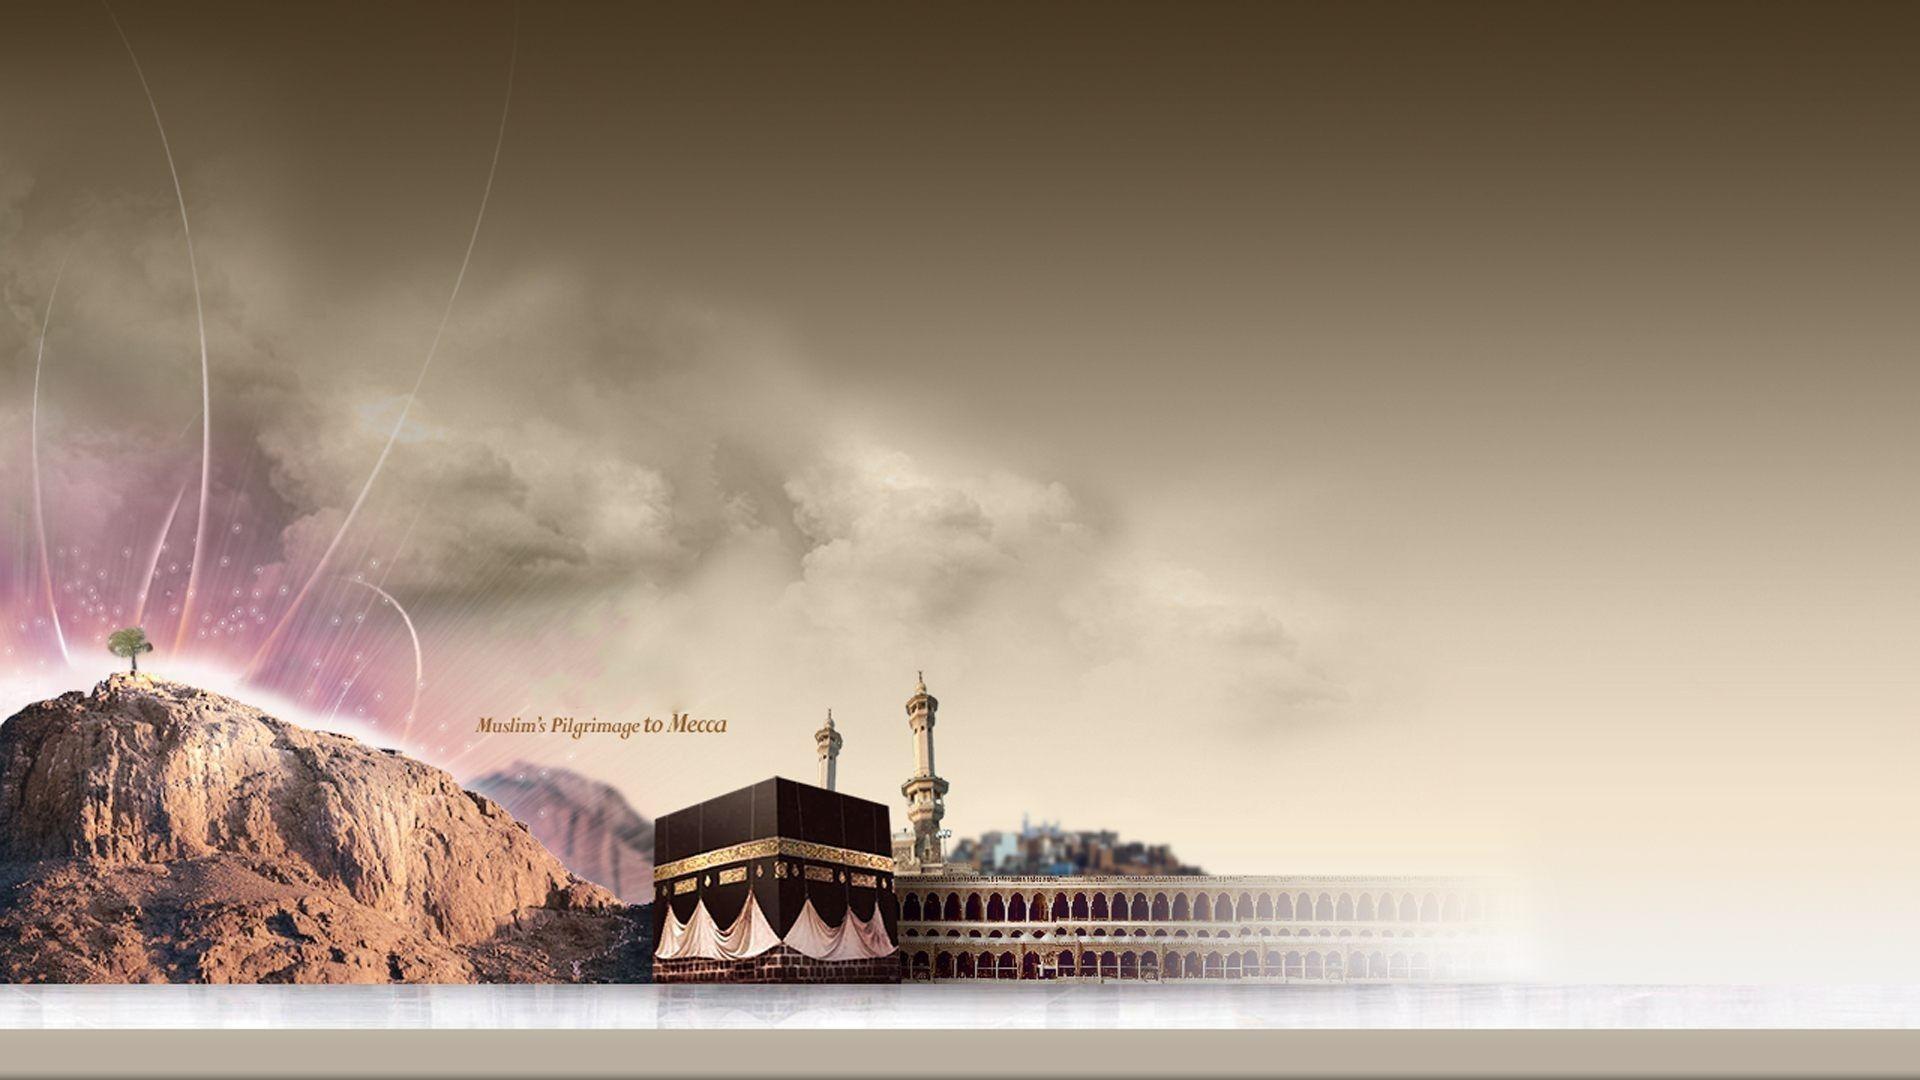 1920x1080 Hình nền Hồi giáo Độ phân giải cao